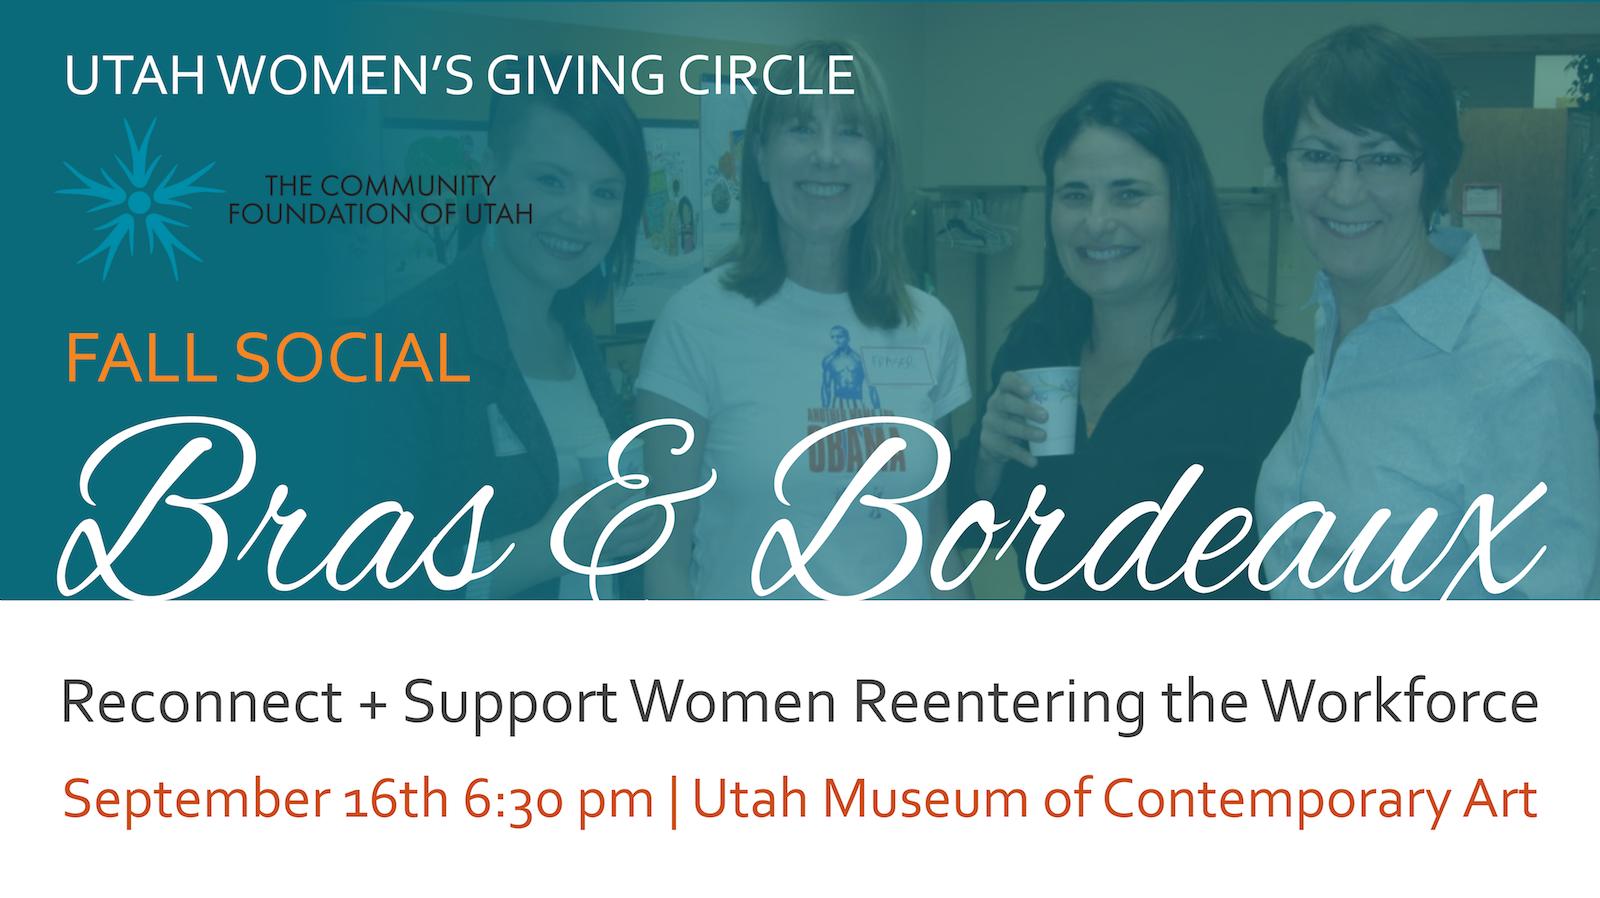 Bras & Bordeaux Connection Event Utah Women's Giving Circle